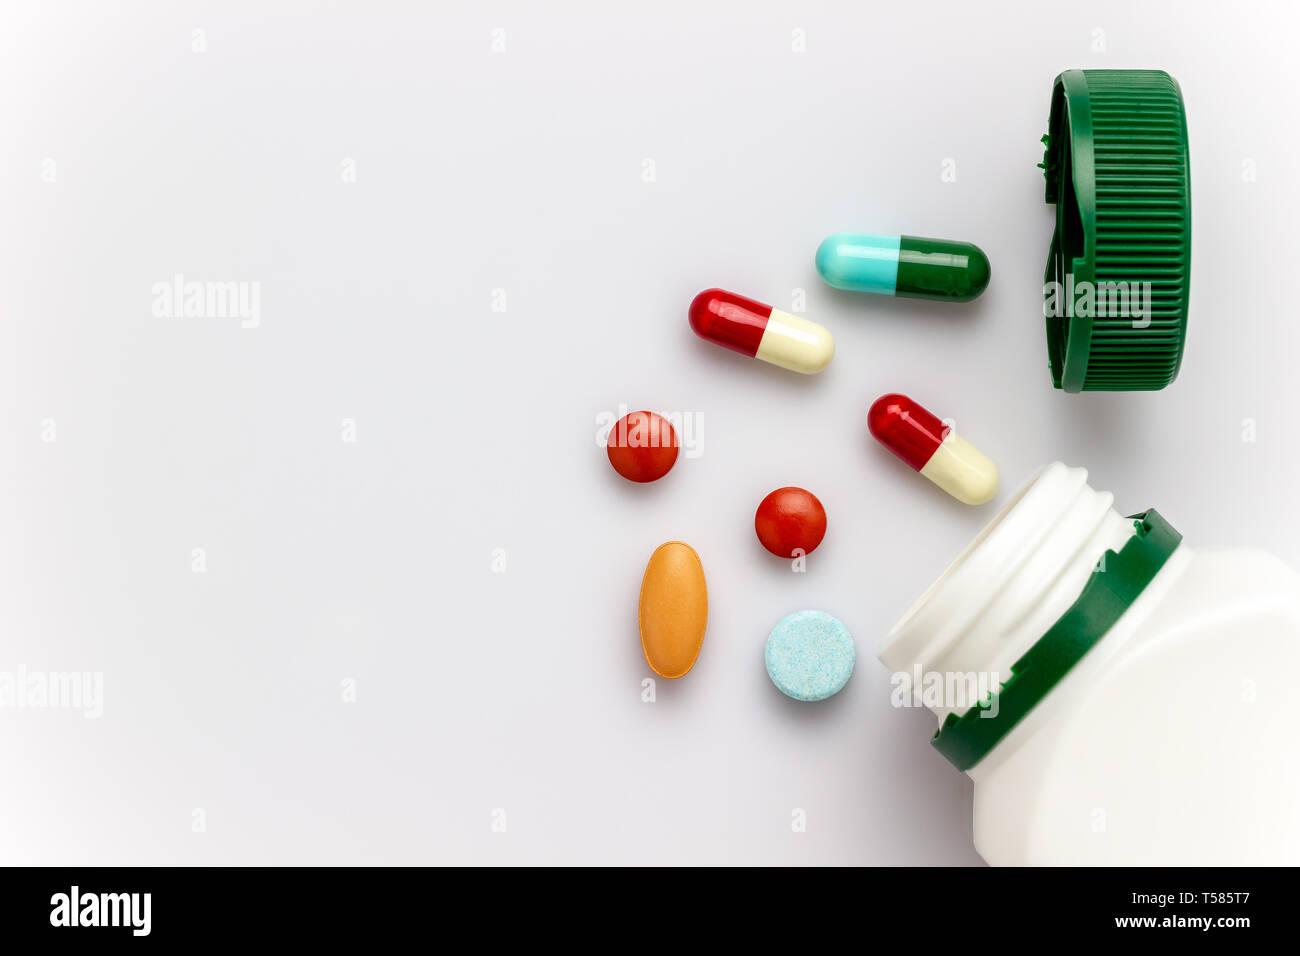 Cápsulas multicolor blanco con botellas de medicina y fundas verdes sobre fondo blanco. Espacio para copiar texto o artículos. Los conceptos de salud y de medicin Foto de stock